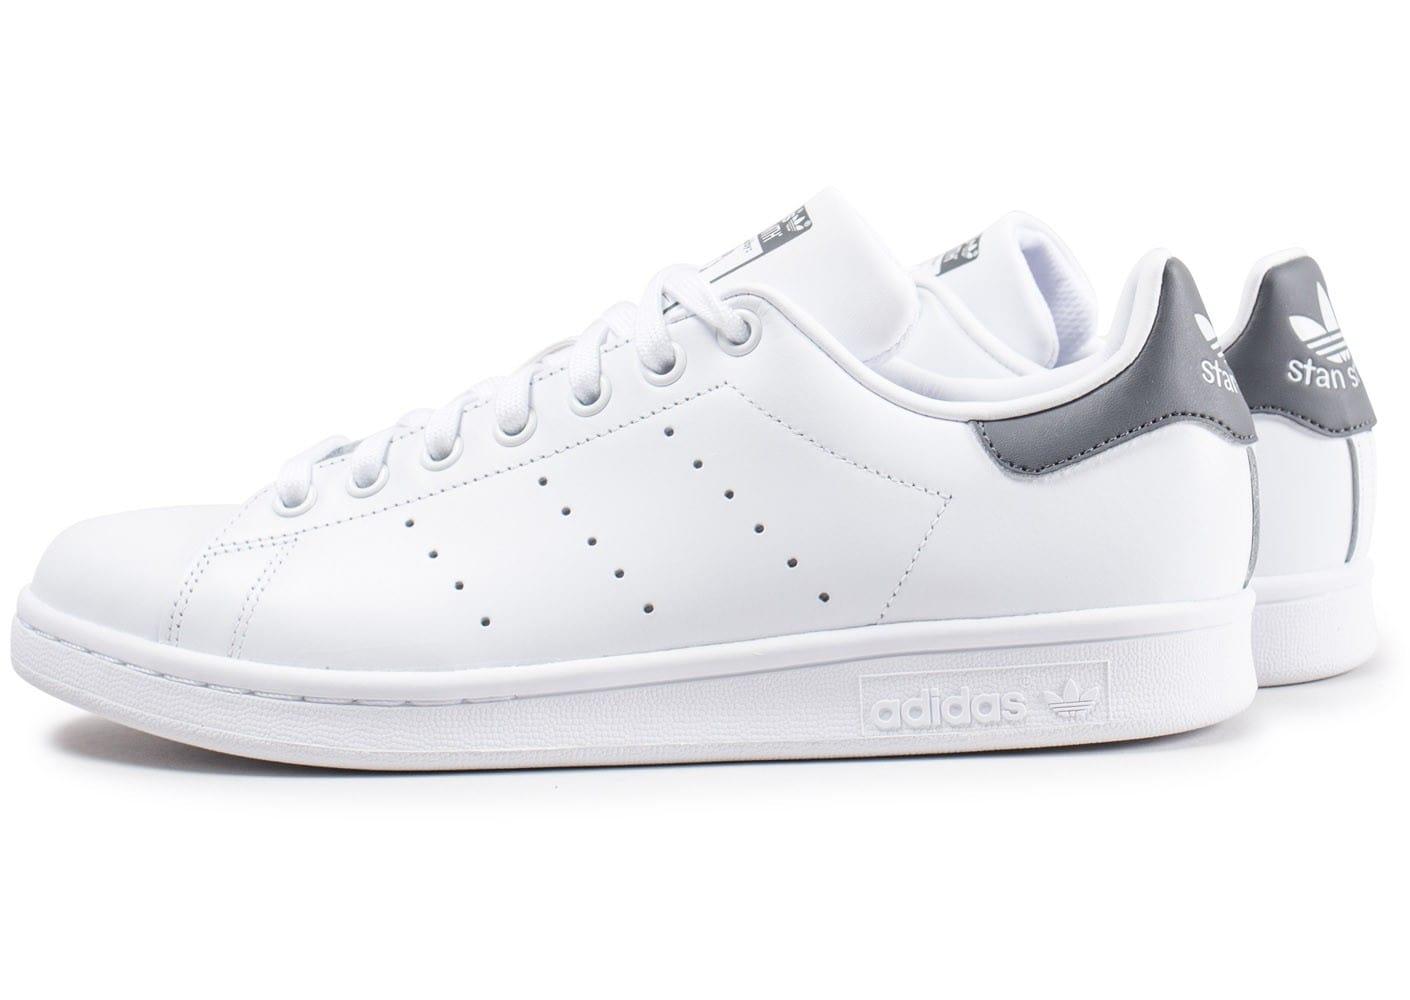 adidas stan smith j blanc metallic argent blanc   Pas cher